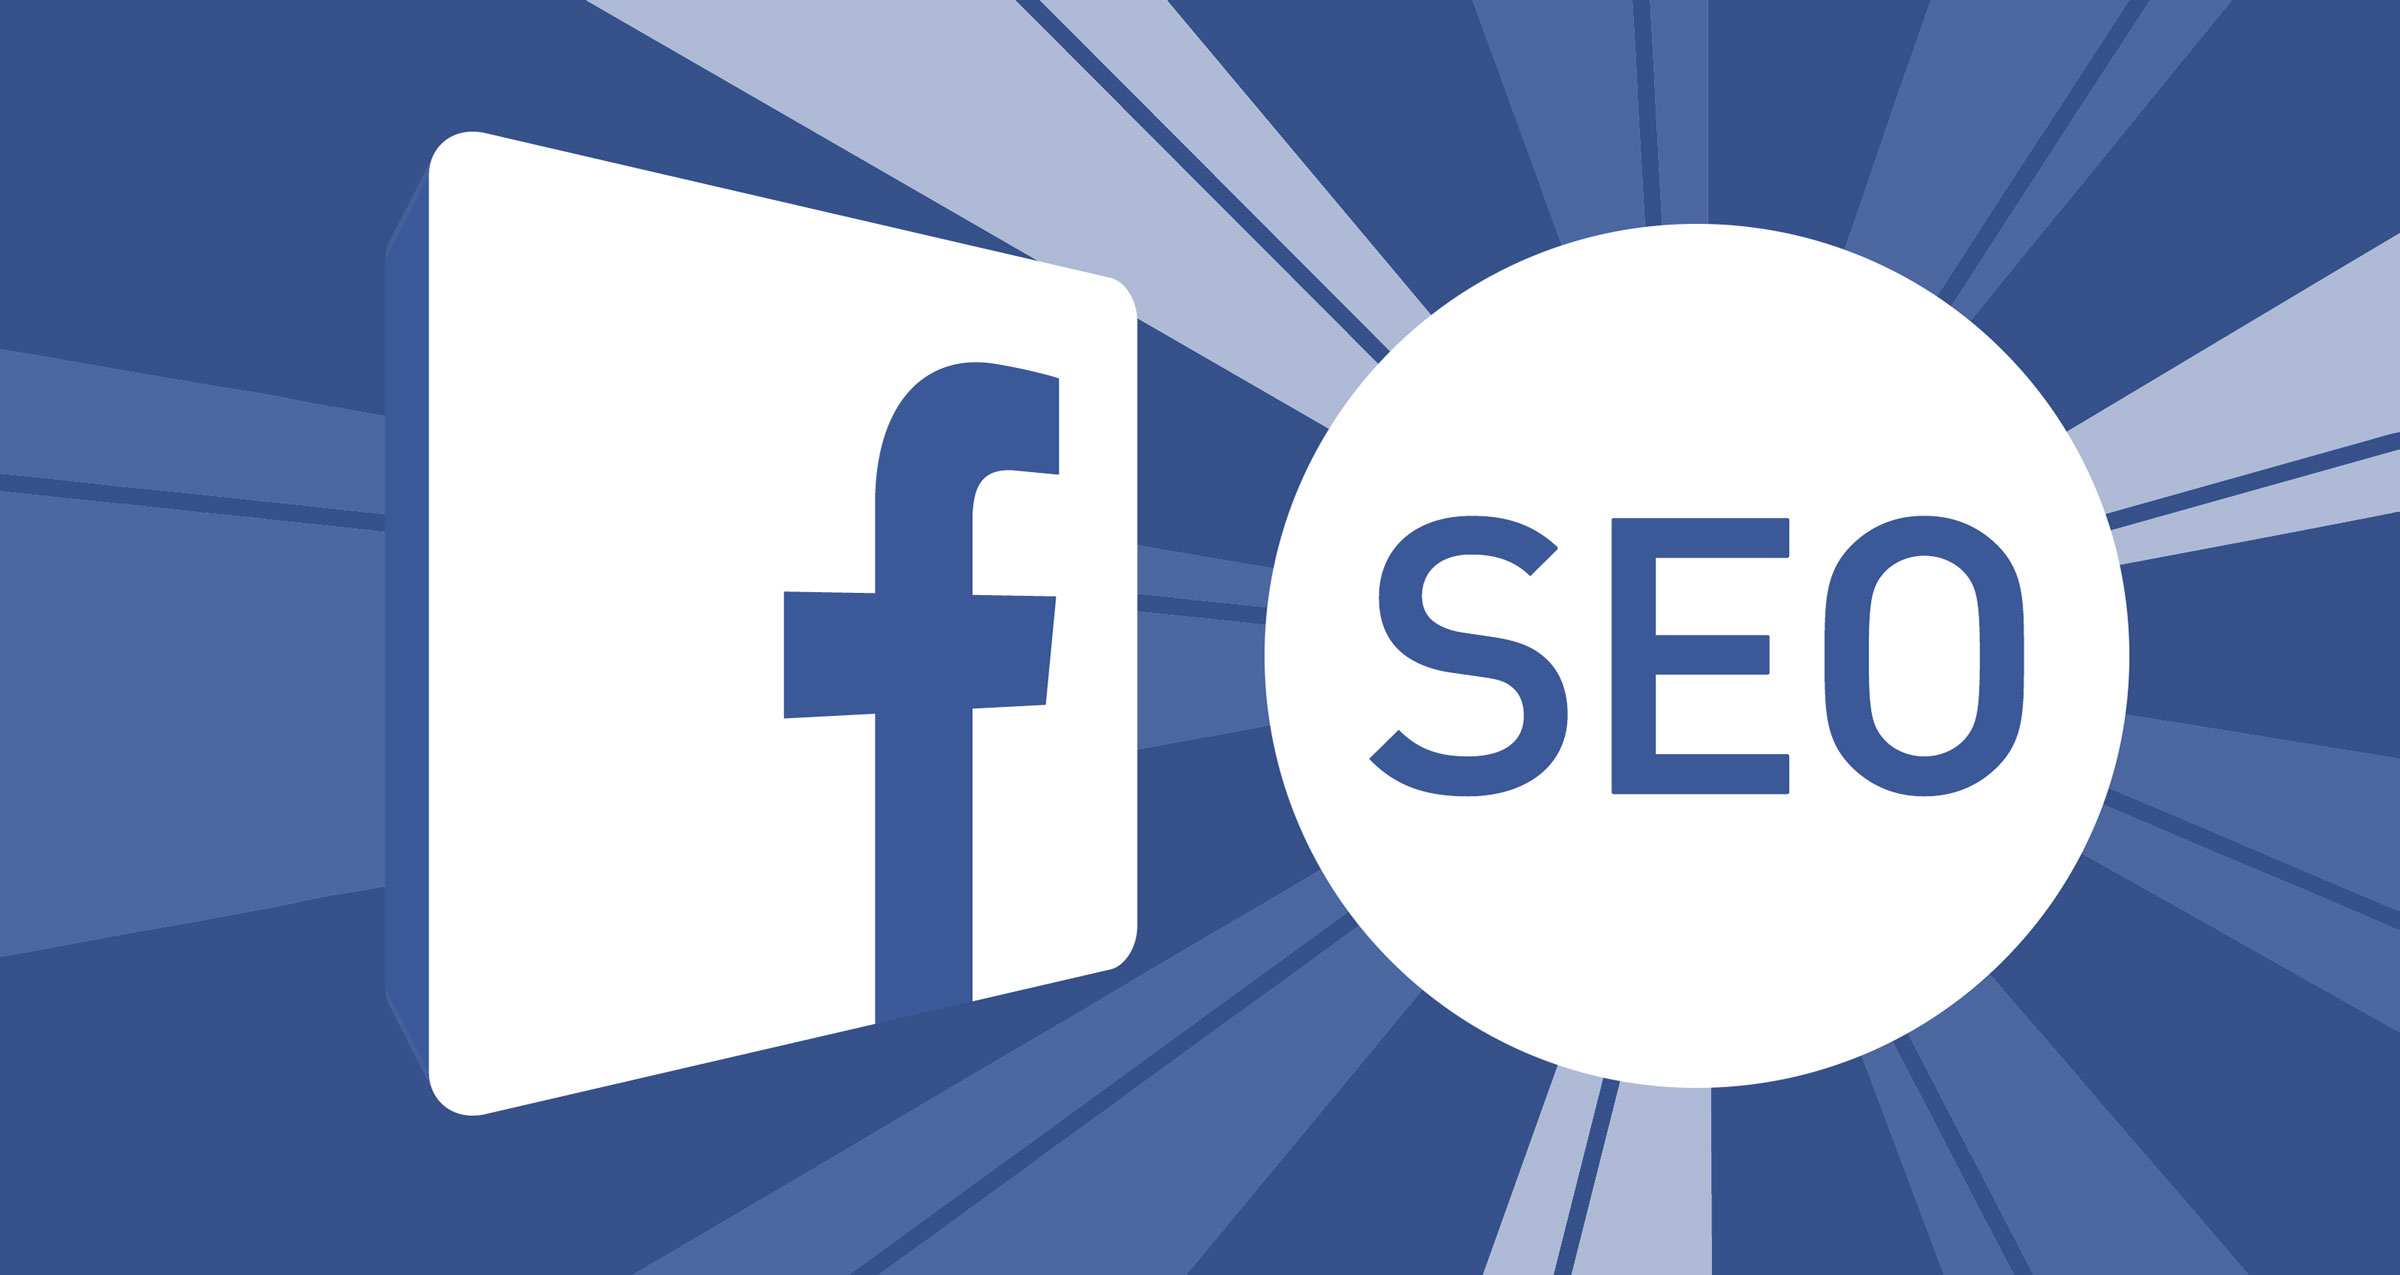 Facebook SEO